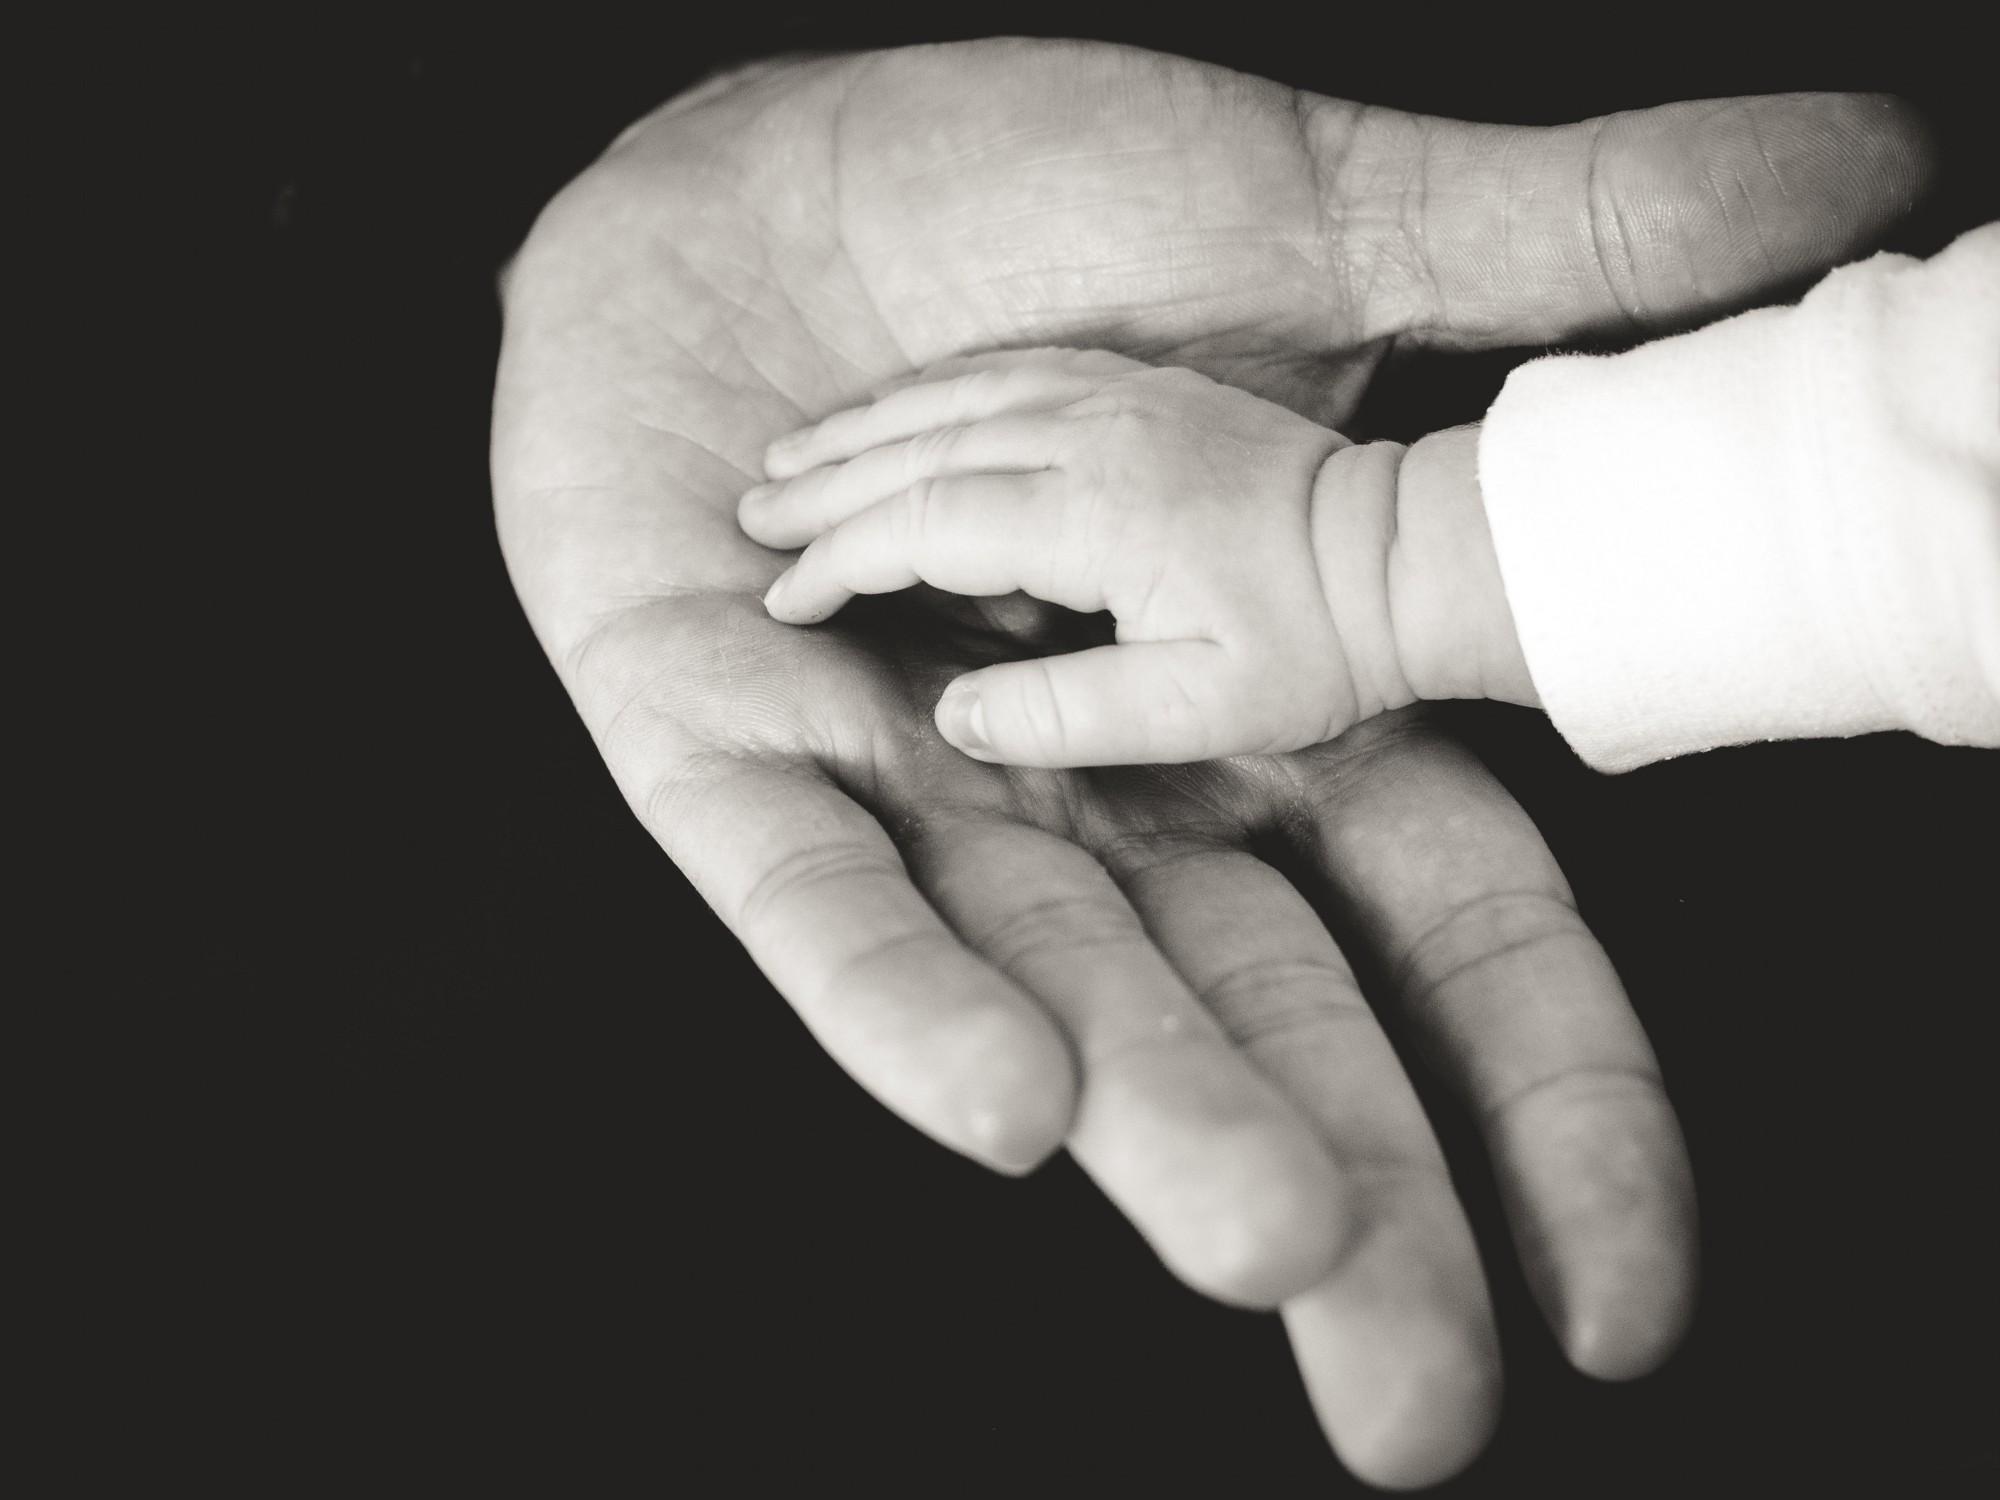 فرزندان شما بسیار حساس بدنیا آمدهاند